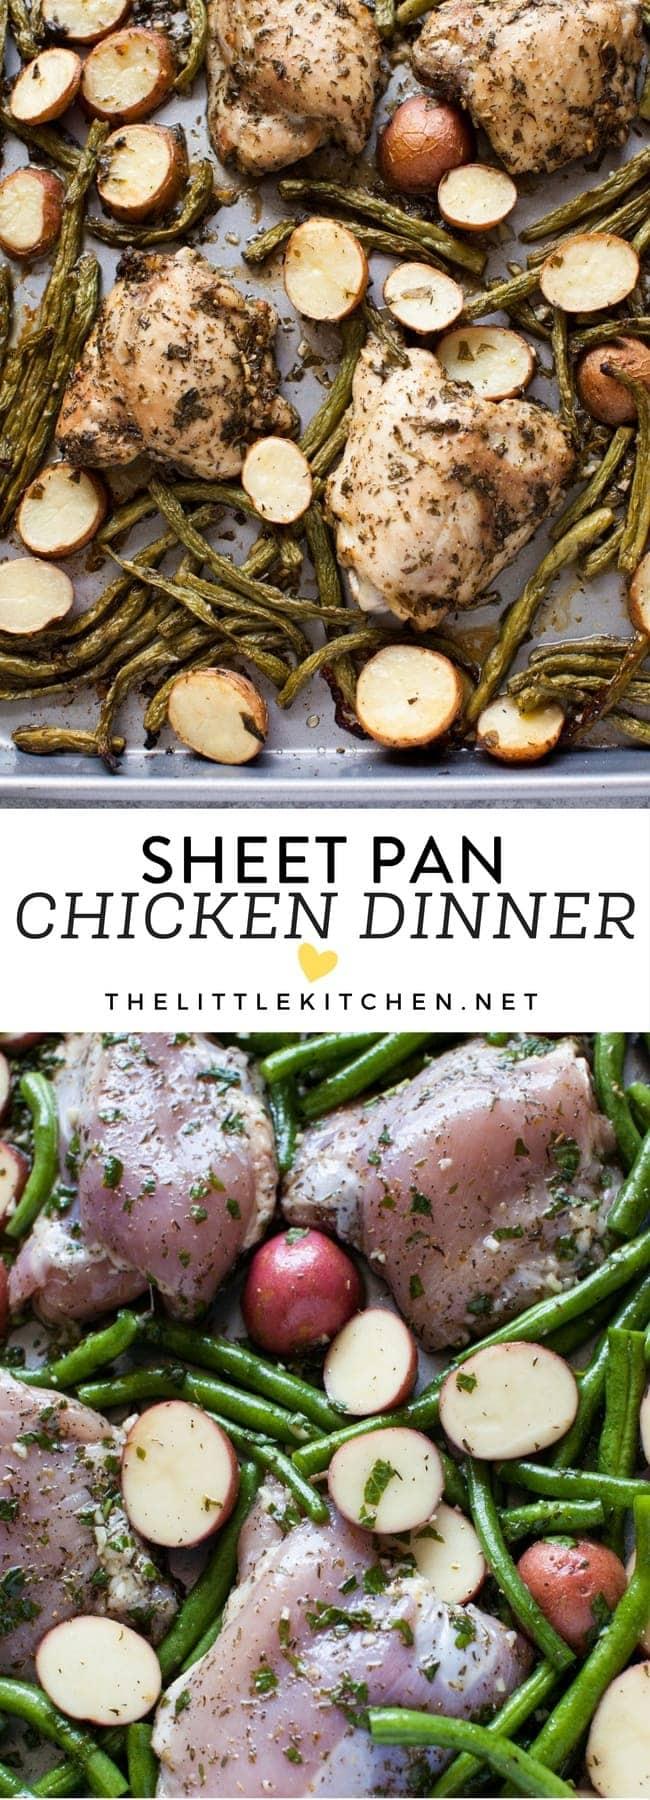 Sheet Pan Chicken Dinner from thelittlekitchen.net